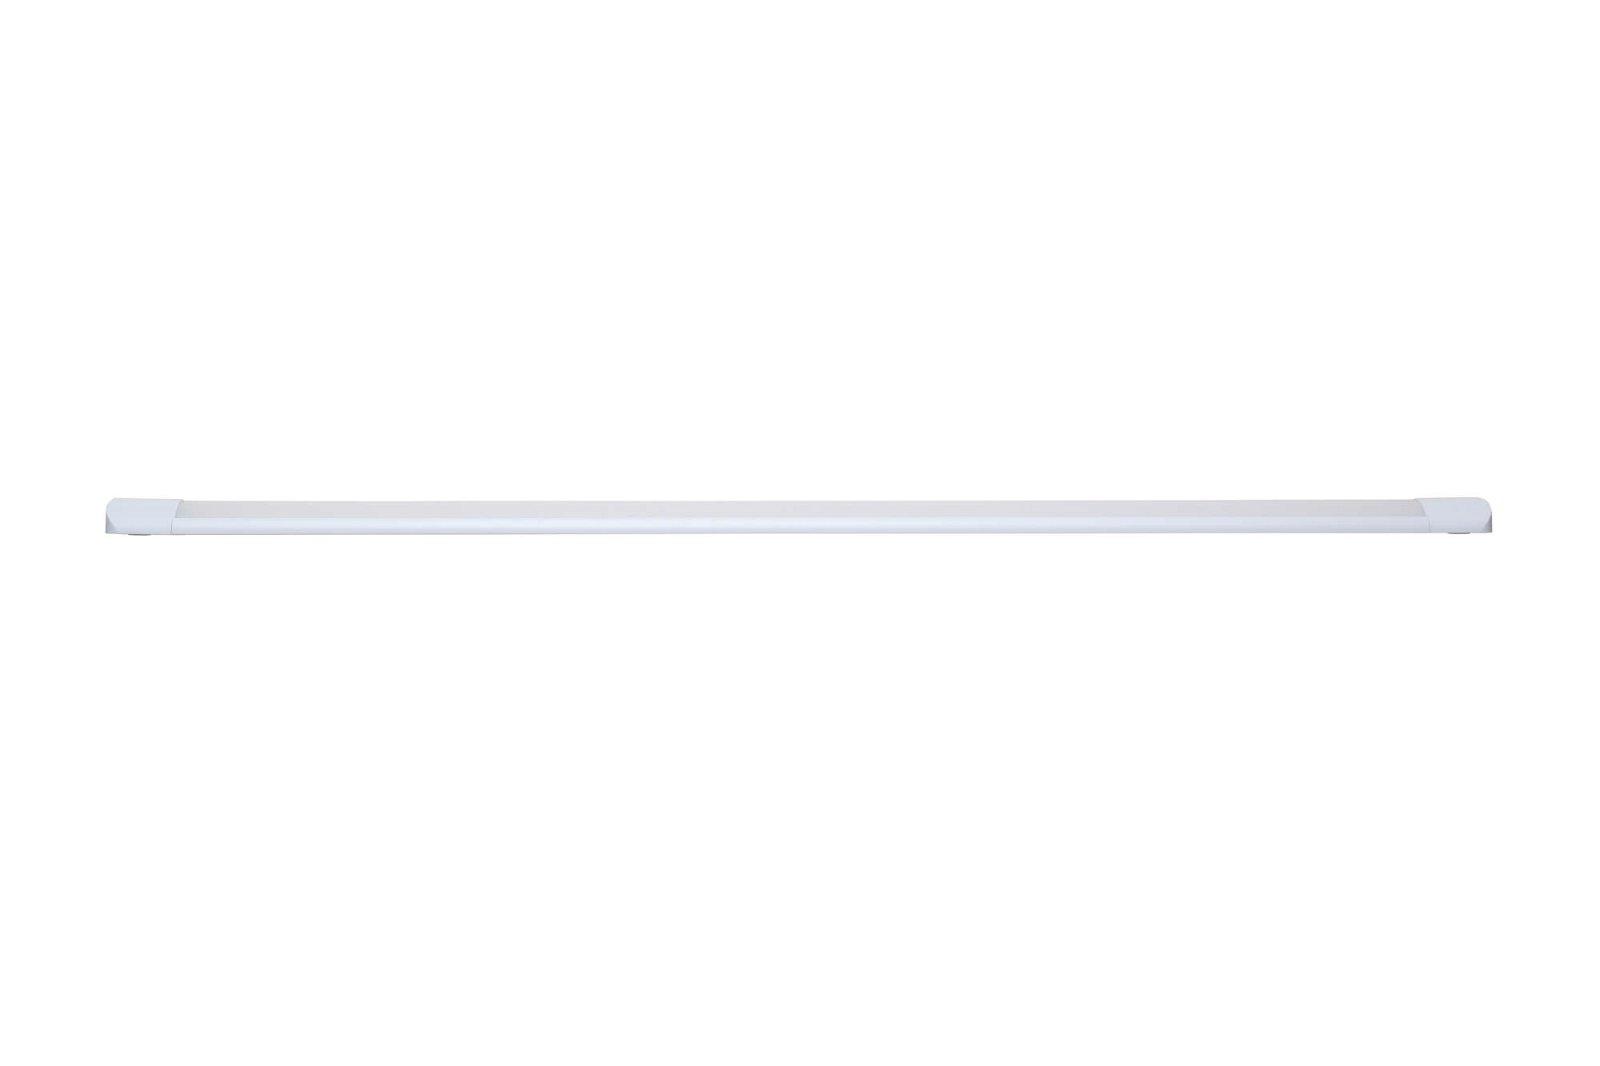 LED-Pendel- und Deckenleuchte MAULstart, 35 W, 120 cm, weiß